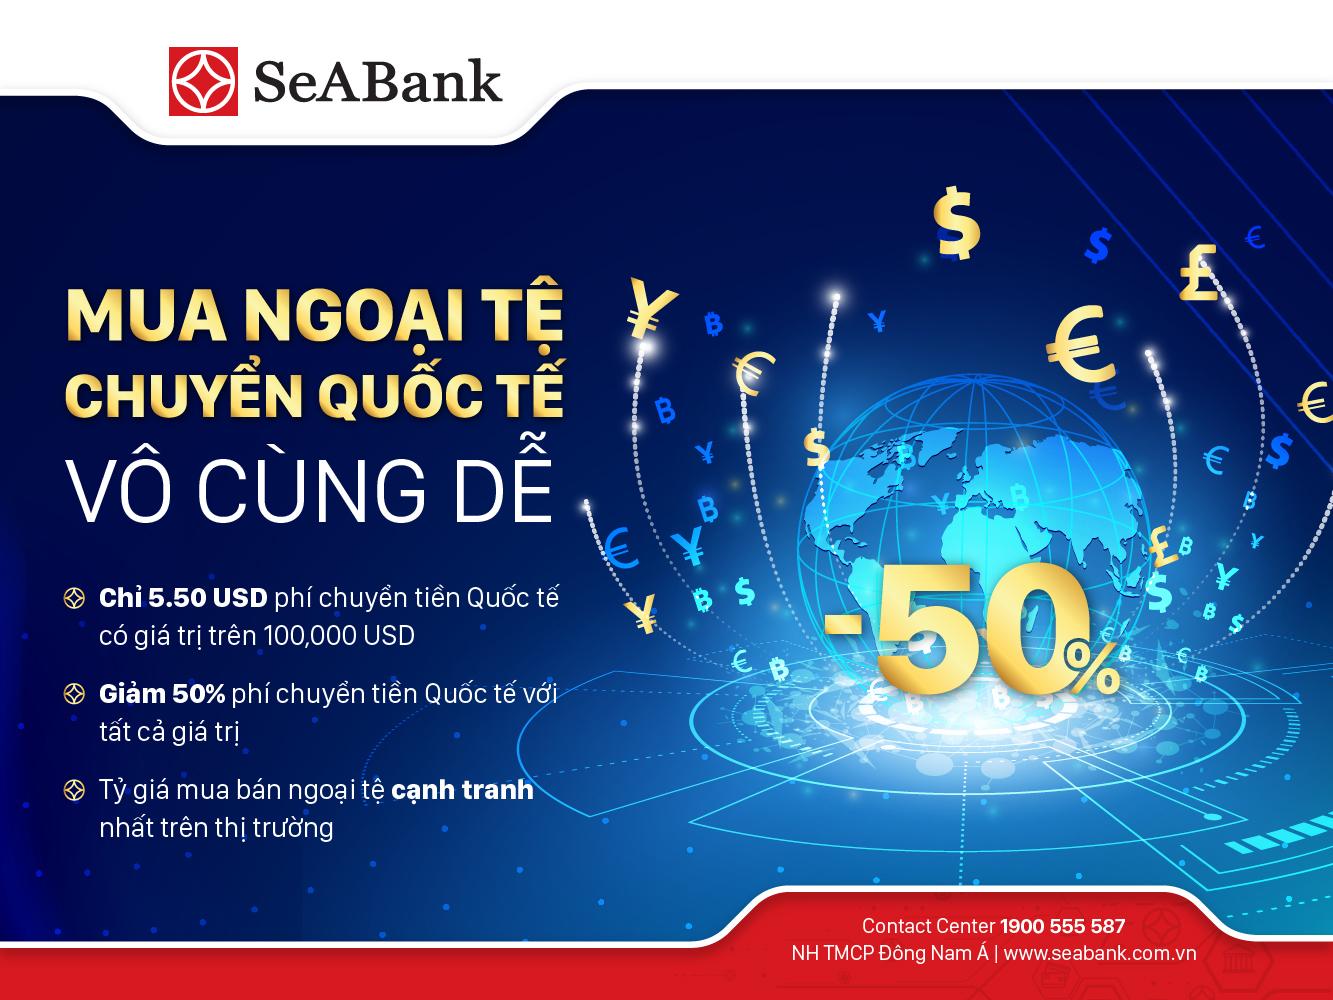 SeABank triển khai nhiều ưu đãi hấp dẫn cho khách hàng chuyển tiền quốc tế và mua bán ngoại tệ - Ảnh 1.